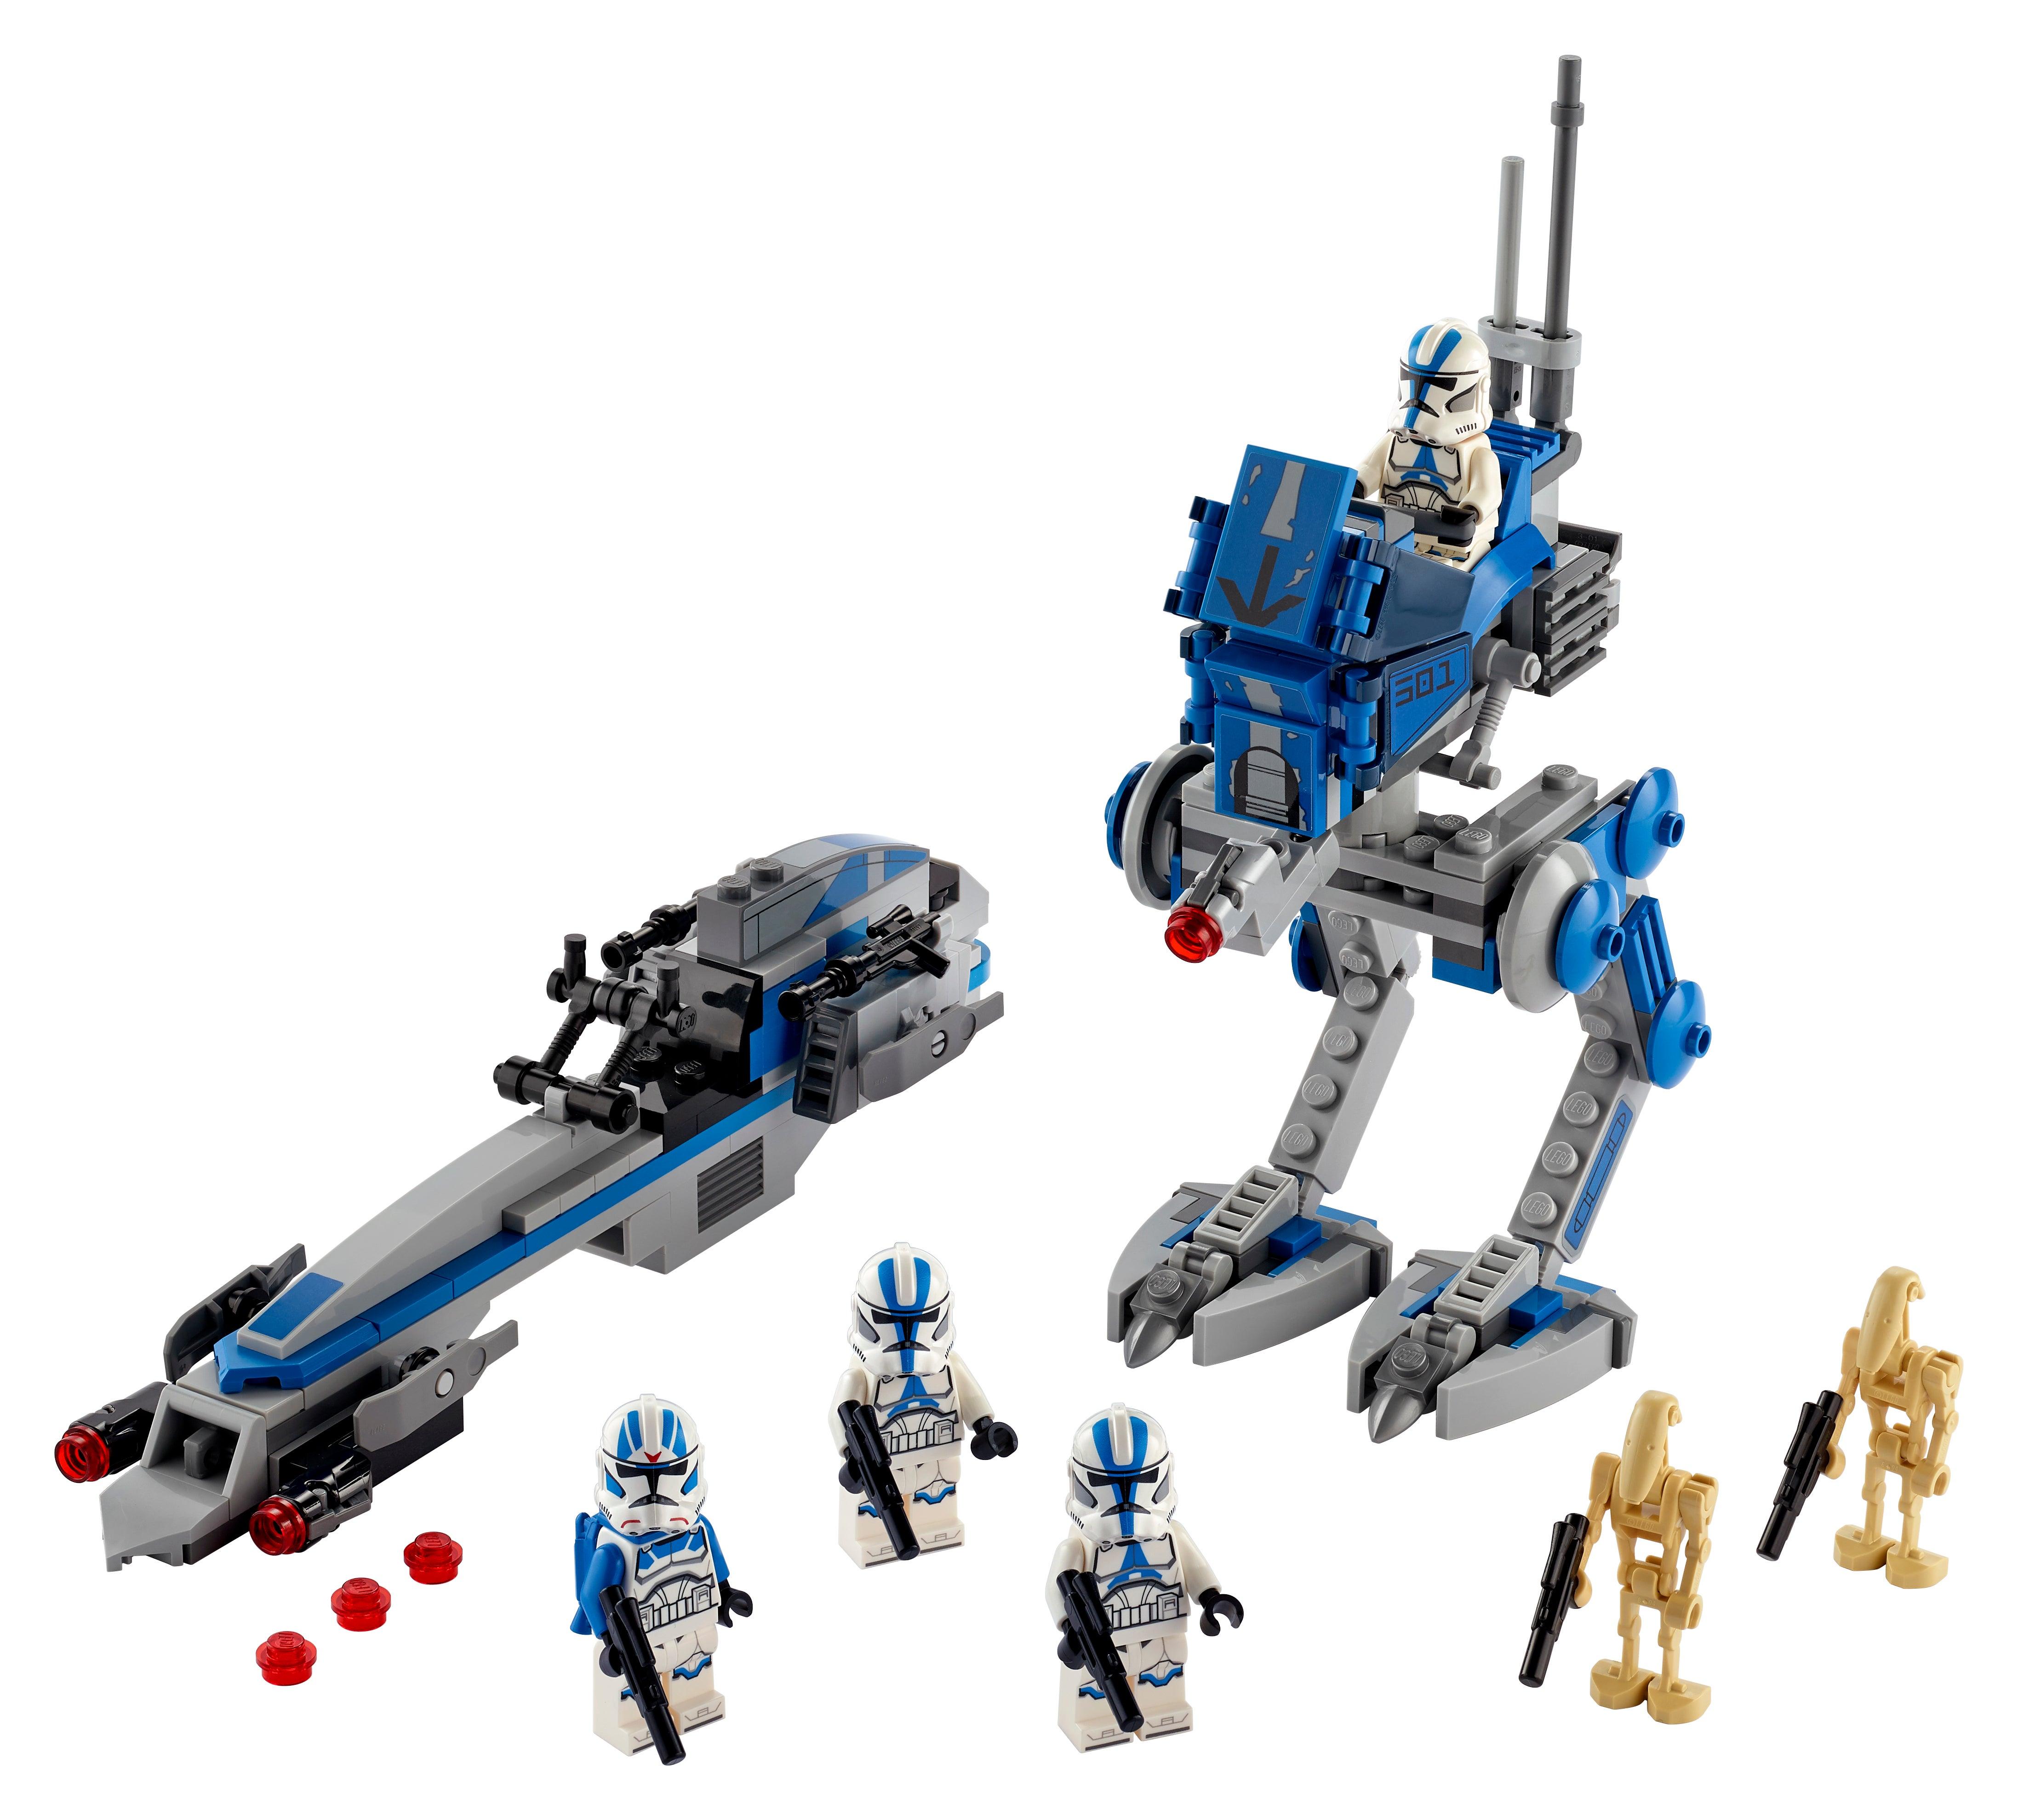 LEGO Star Wars 501st Legion Clone Trooper Battle Pack 75280 NEW MISB